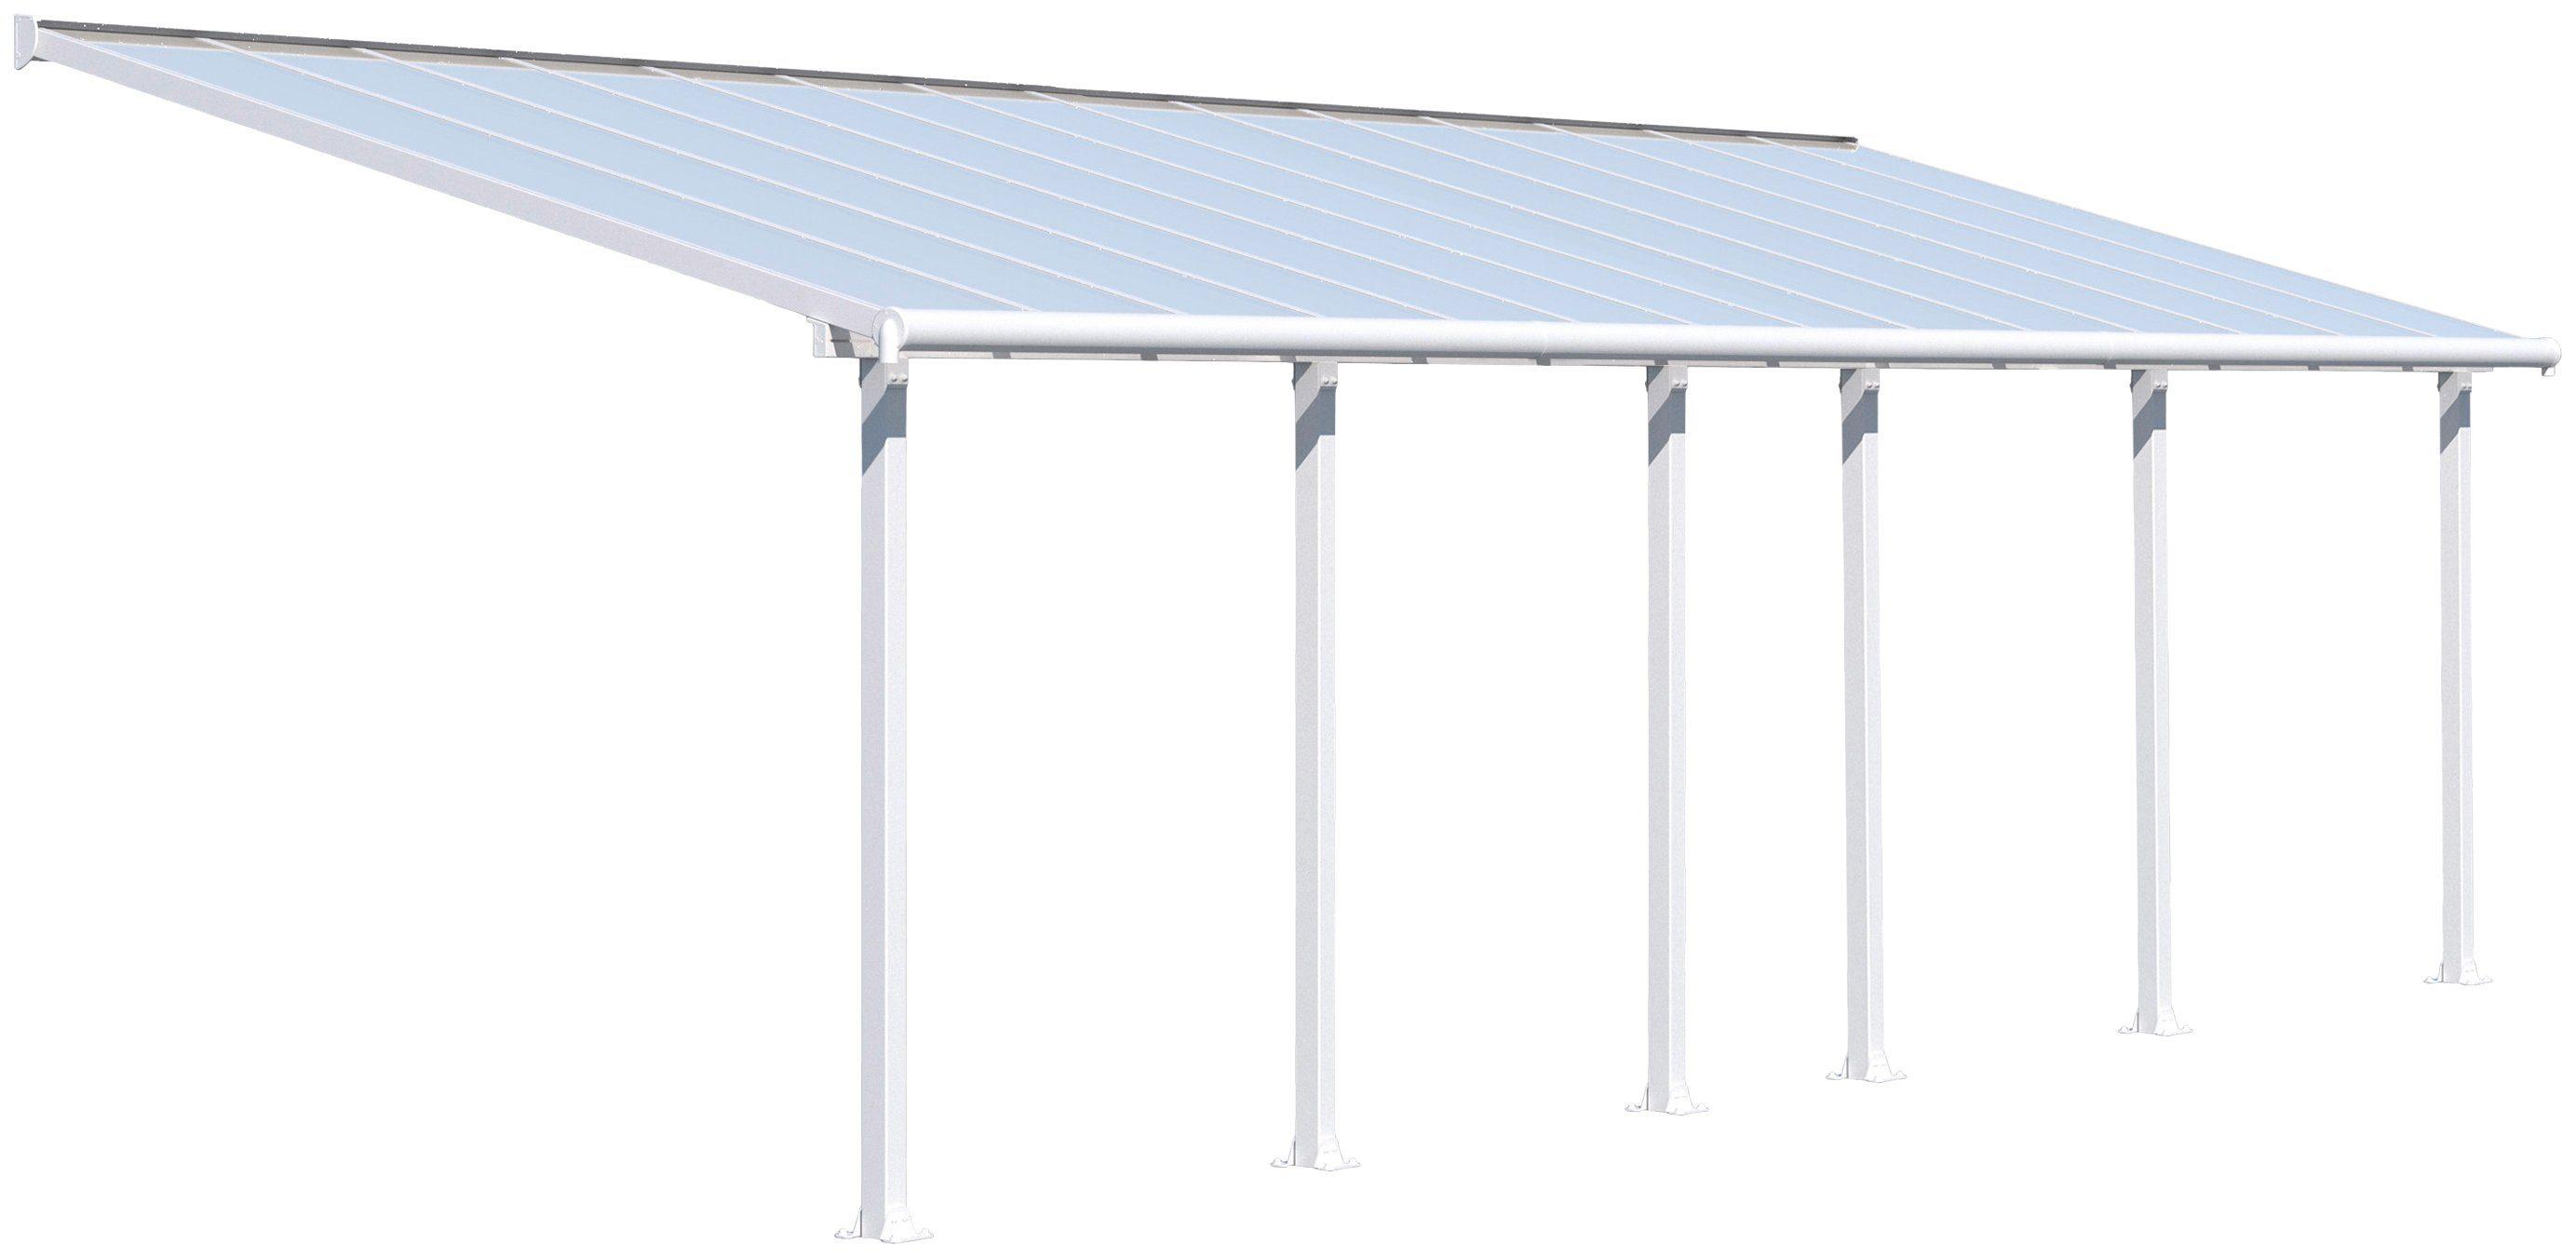 PALRAM Terrassendach »Olympia 3x8.5«, BxT: 860x295 cm